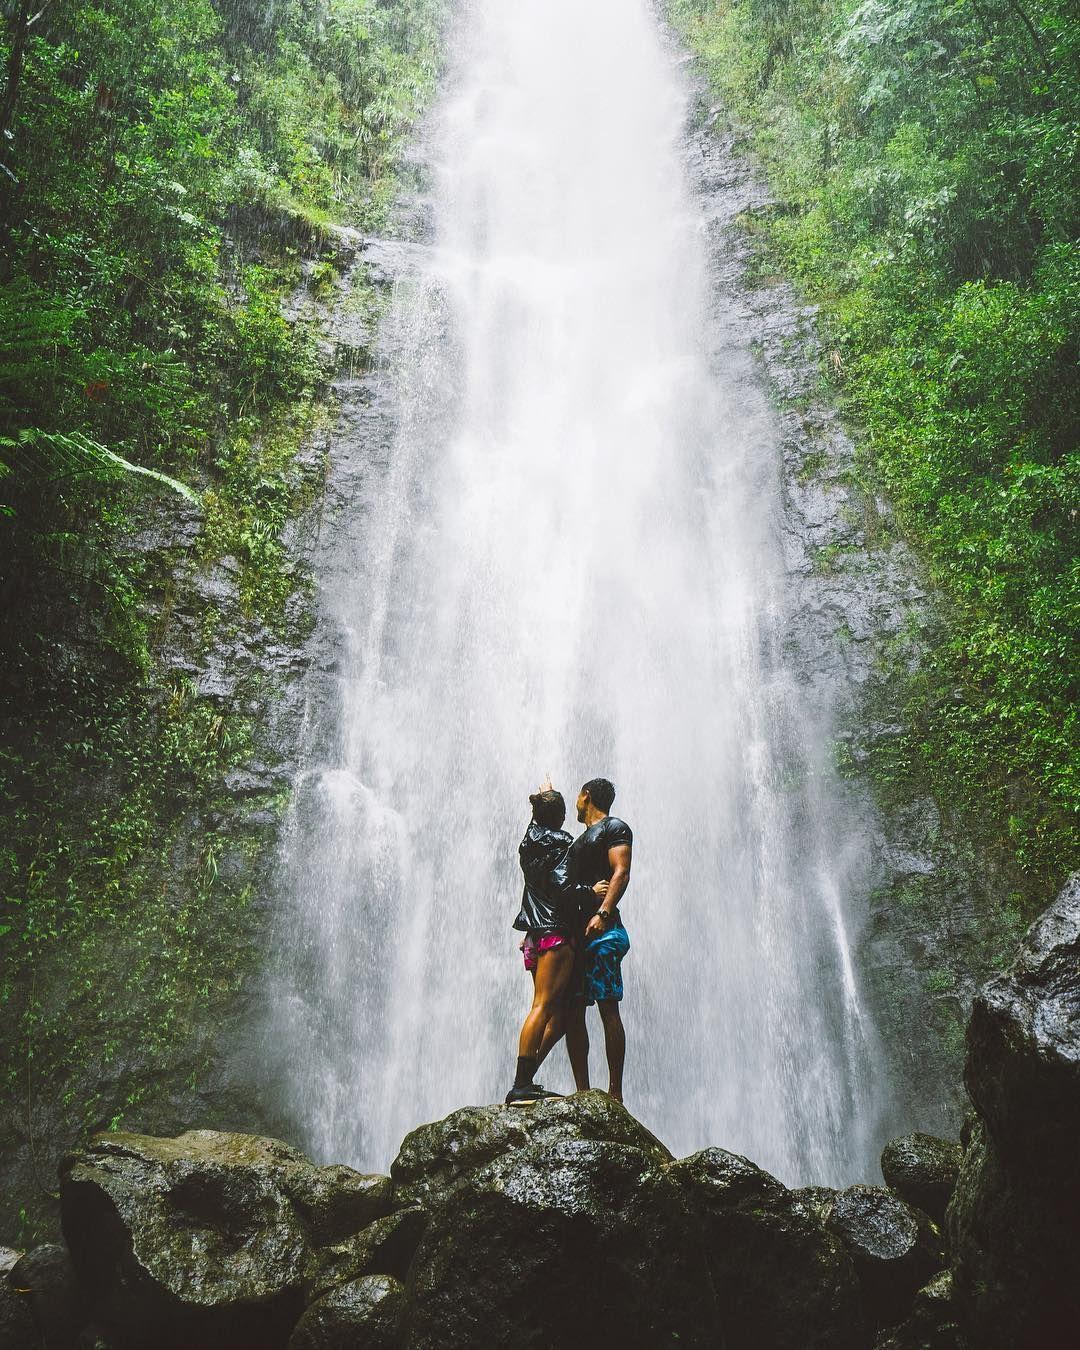 Hike lulumahu falls 11 on 26 best things to do on oahu